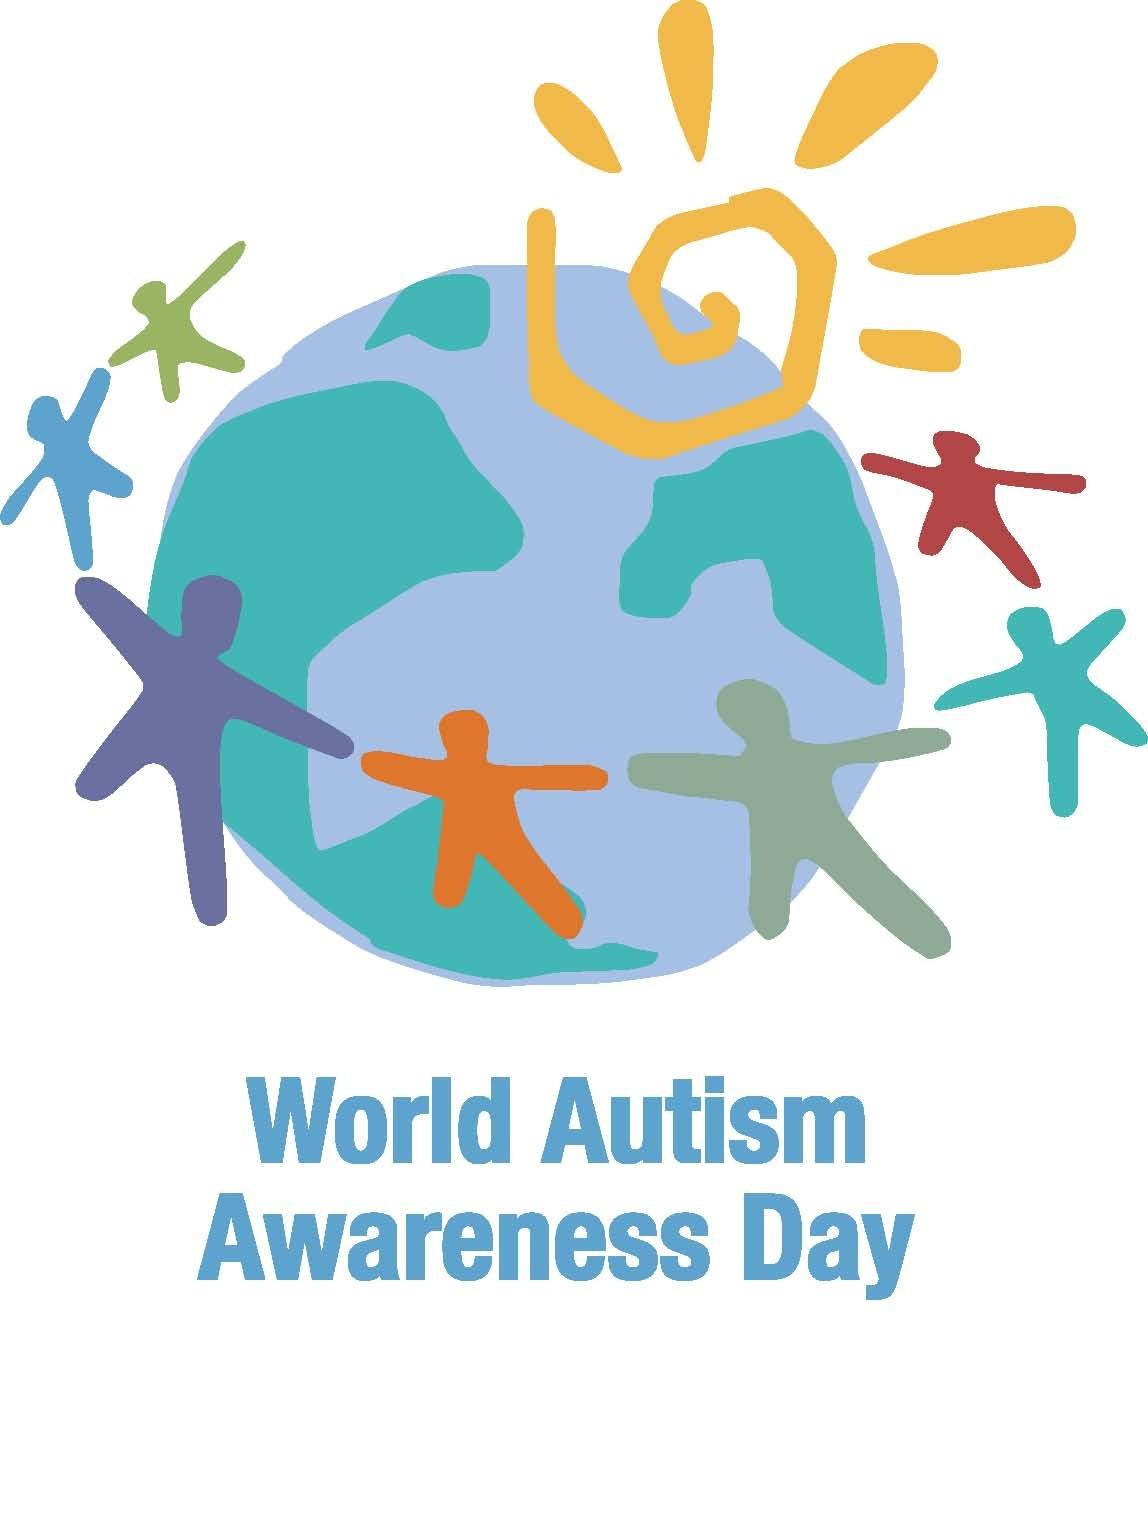 b26e5a155135fd71e4d5_World_Autism_Awareness_Day.jpg